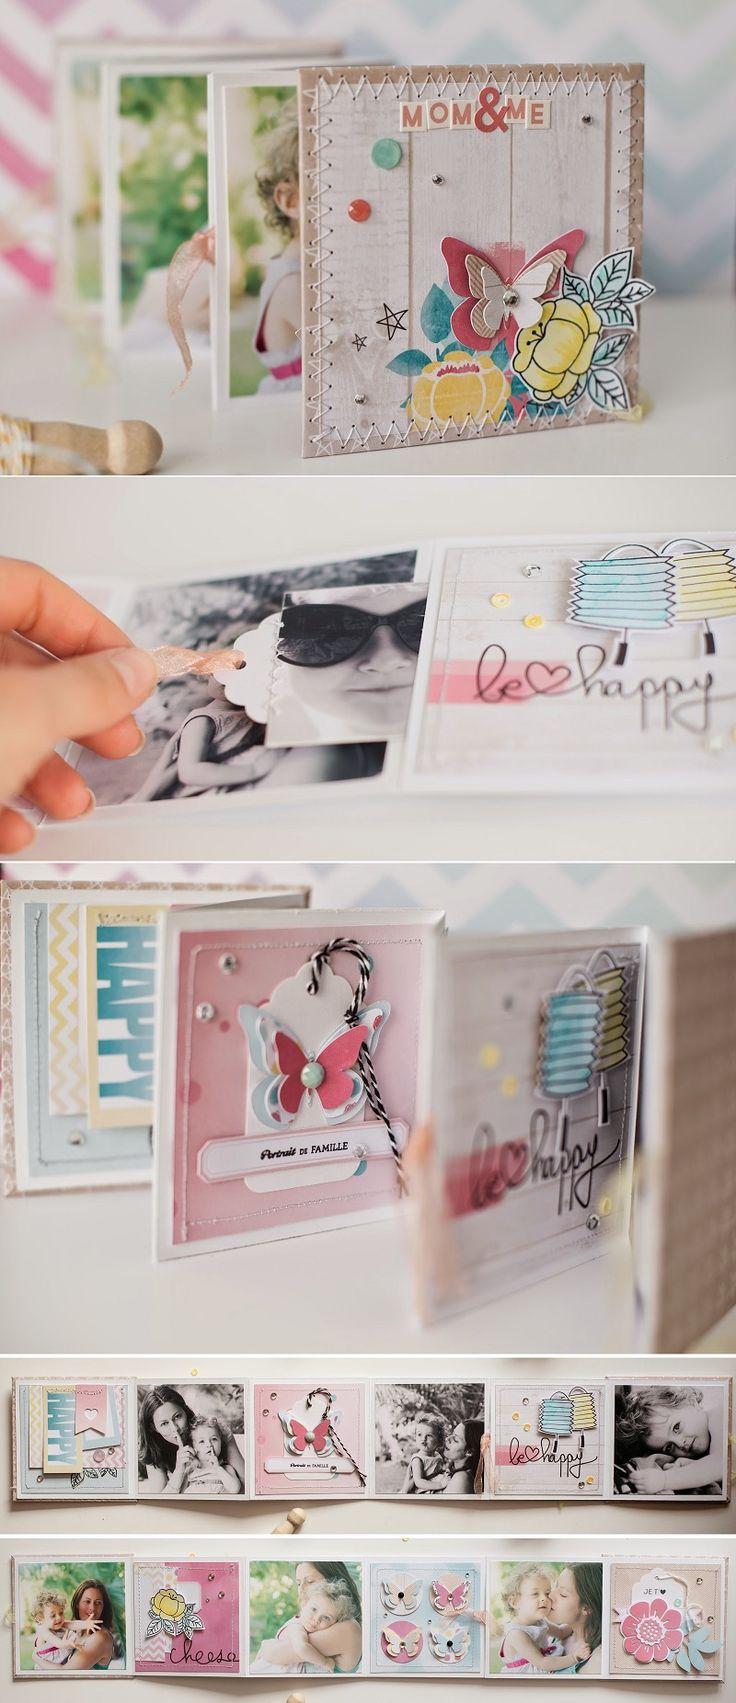 Mini album accordéon de 10 cm de côté (un cardstock blanc est coupé en 3 bandes de 10x30 cm, pliées ensuite en 3). Les extrémités de l'accordéon du centre ne sont que partiellement collées pour pouvoir y glisser des petites photos. Il est ensuite orné de pages et de photos de 9 cm de côté. Une face est en noir et blanc et l'autre en couleur.